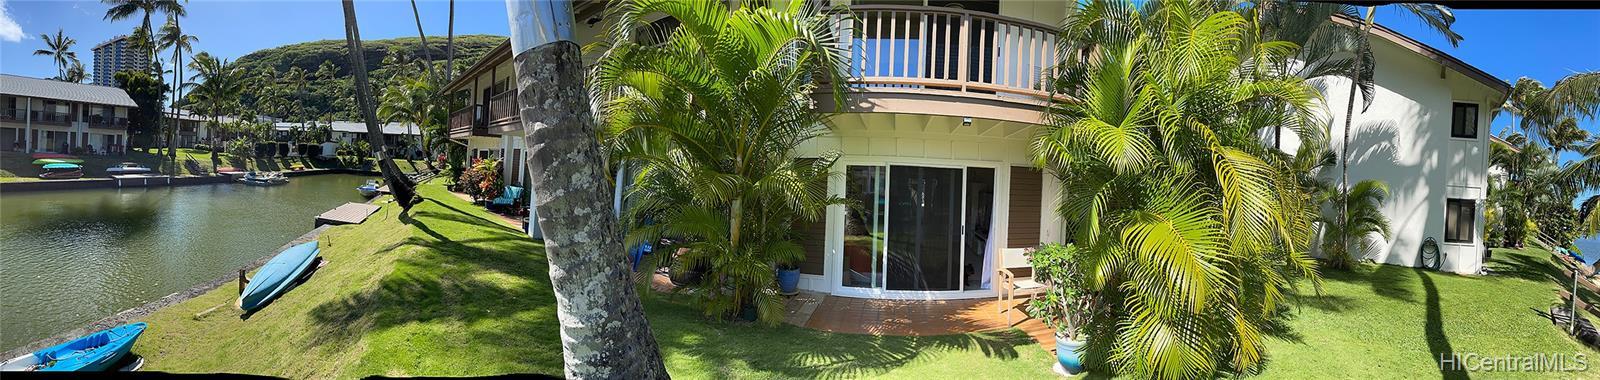 6221 Keokea Place townhouse # 134, Honolulu, Hawaii - photo 25 of 25